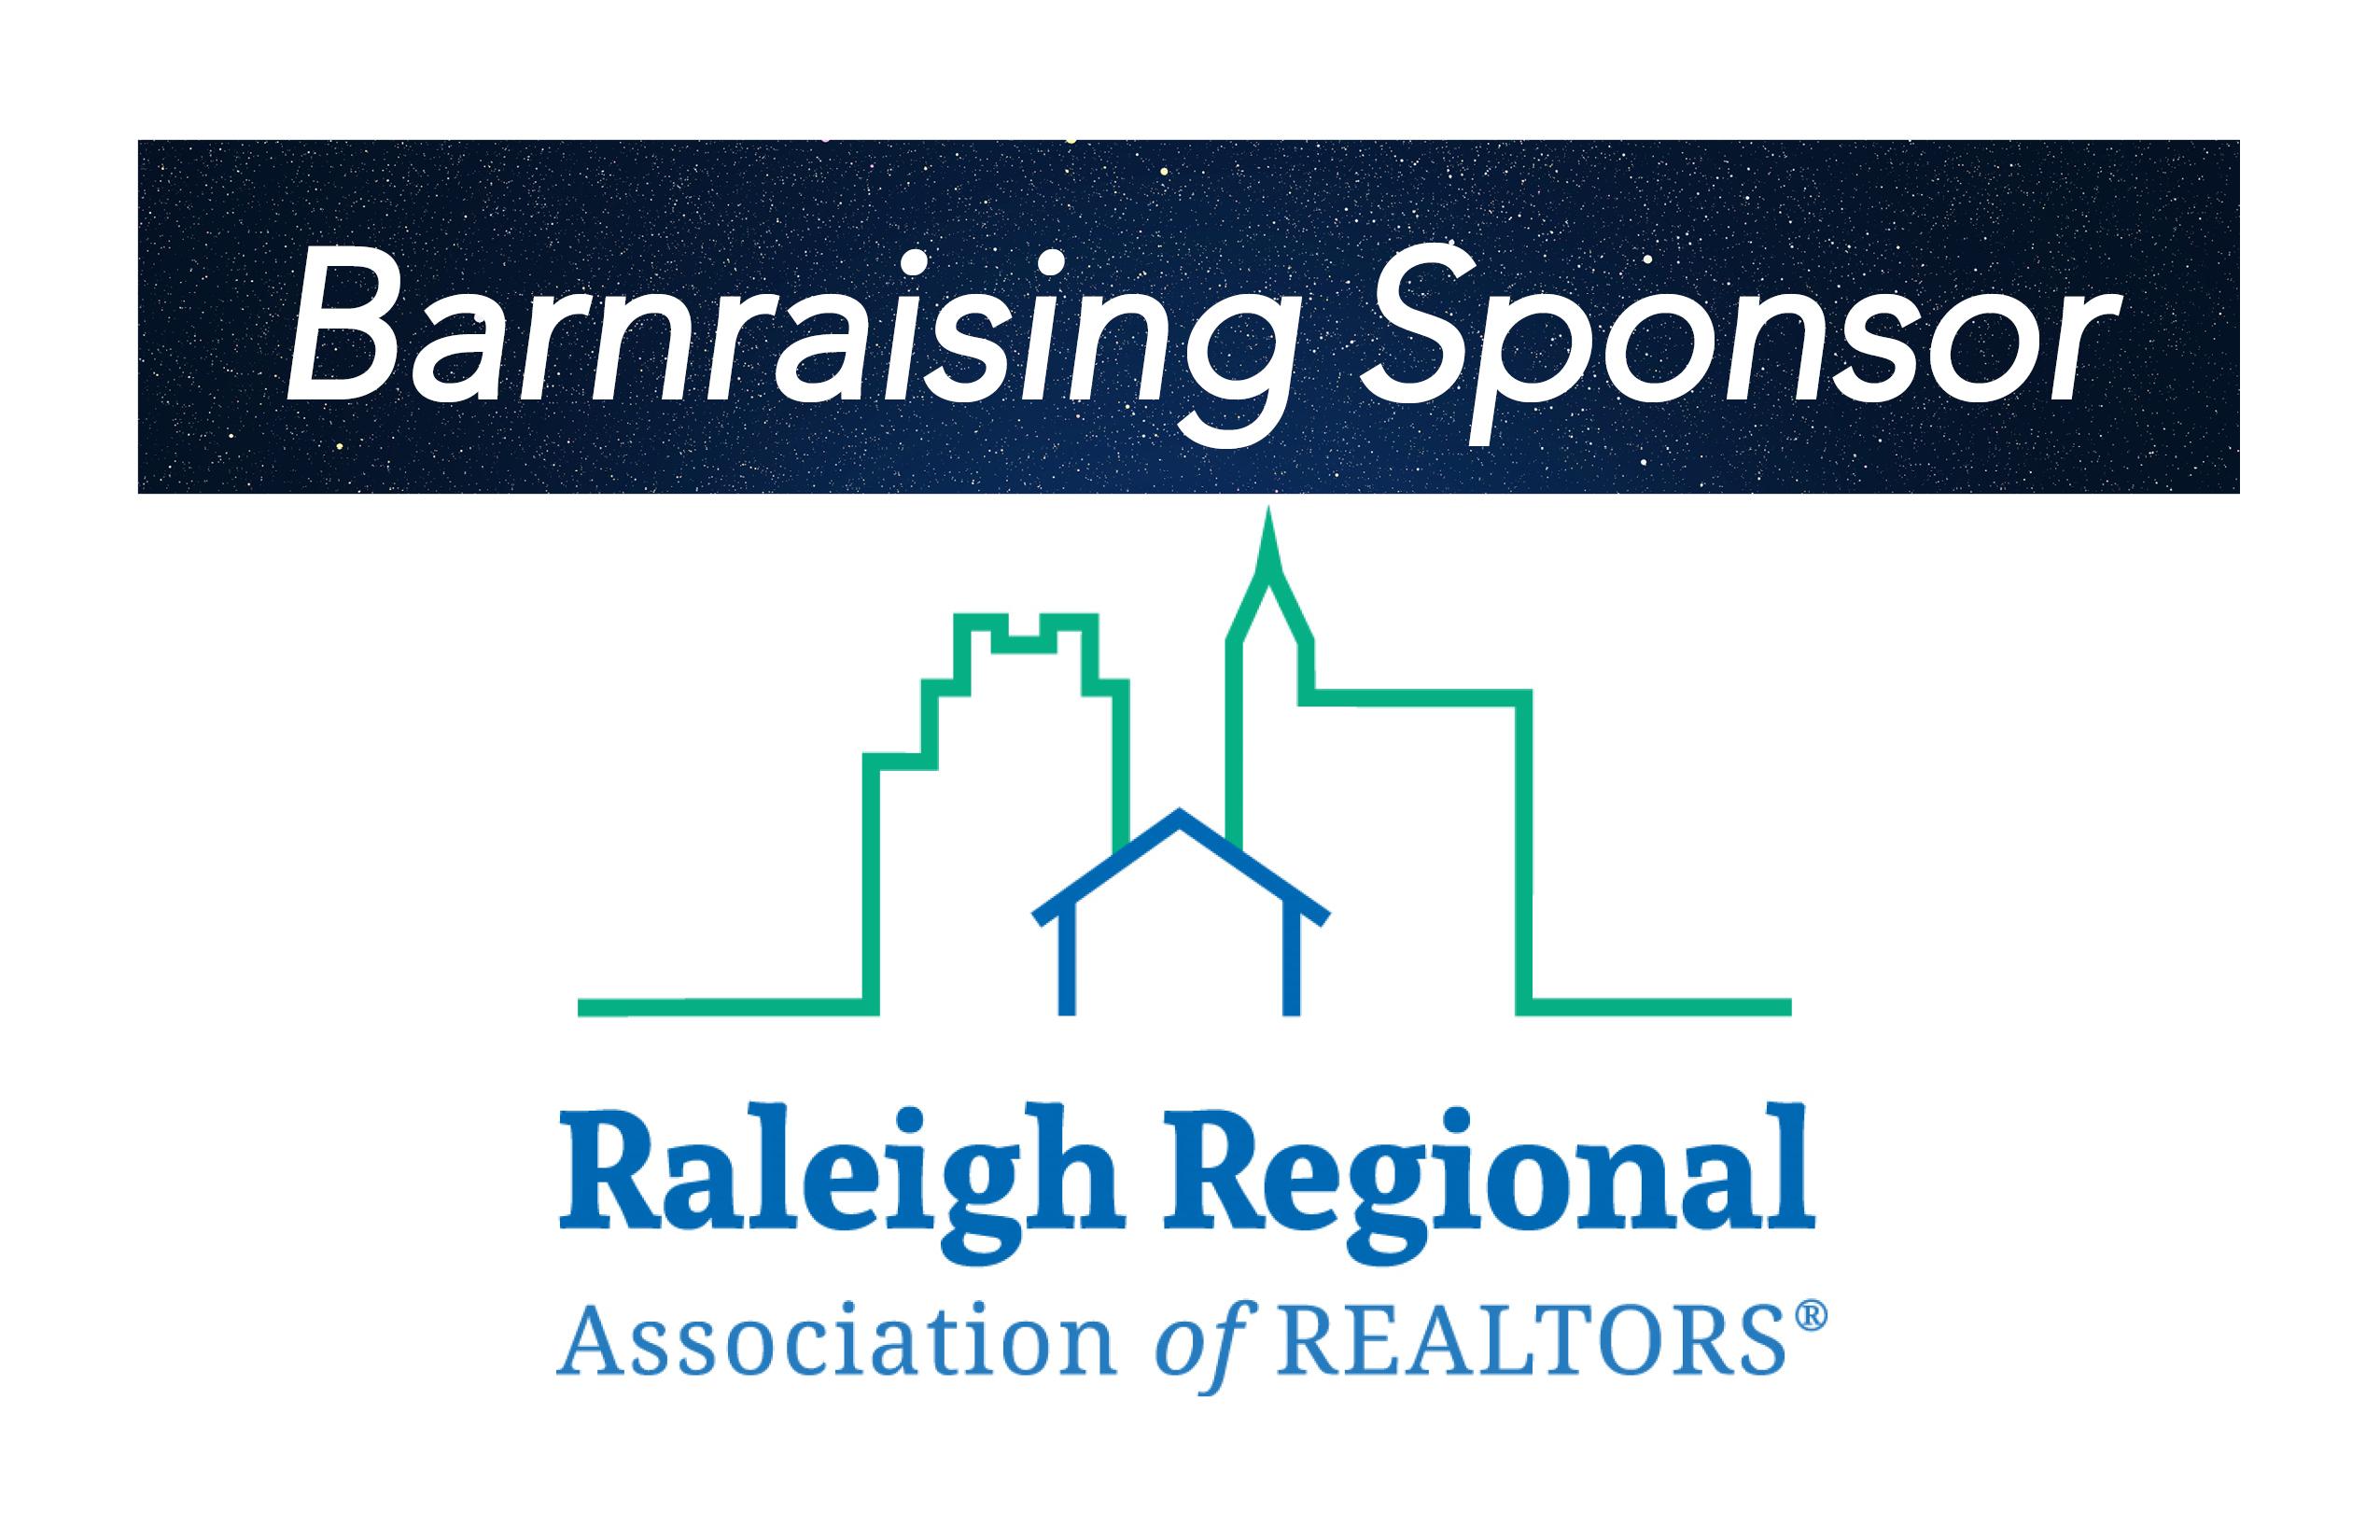 RRAR, Barnraising Sponsor